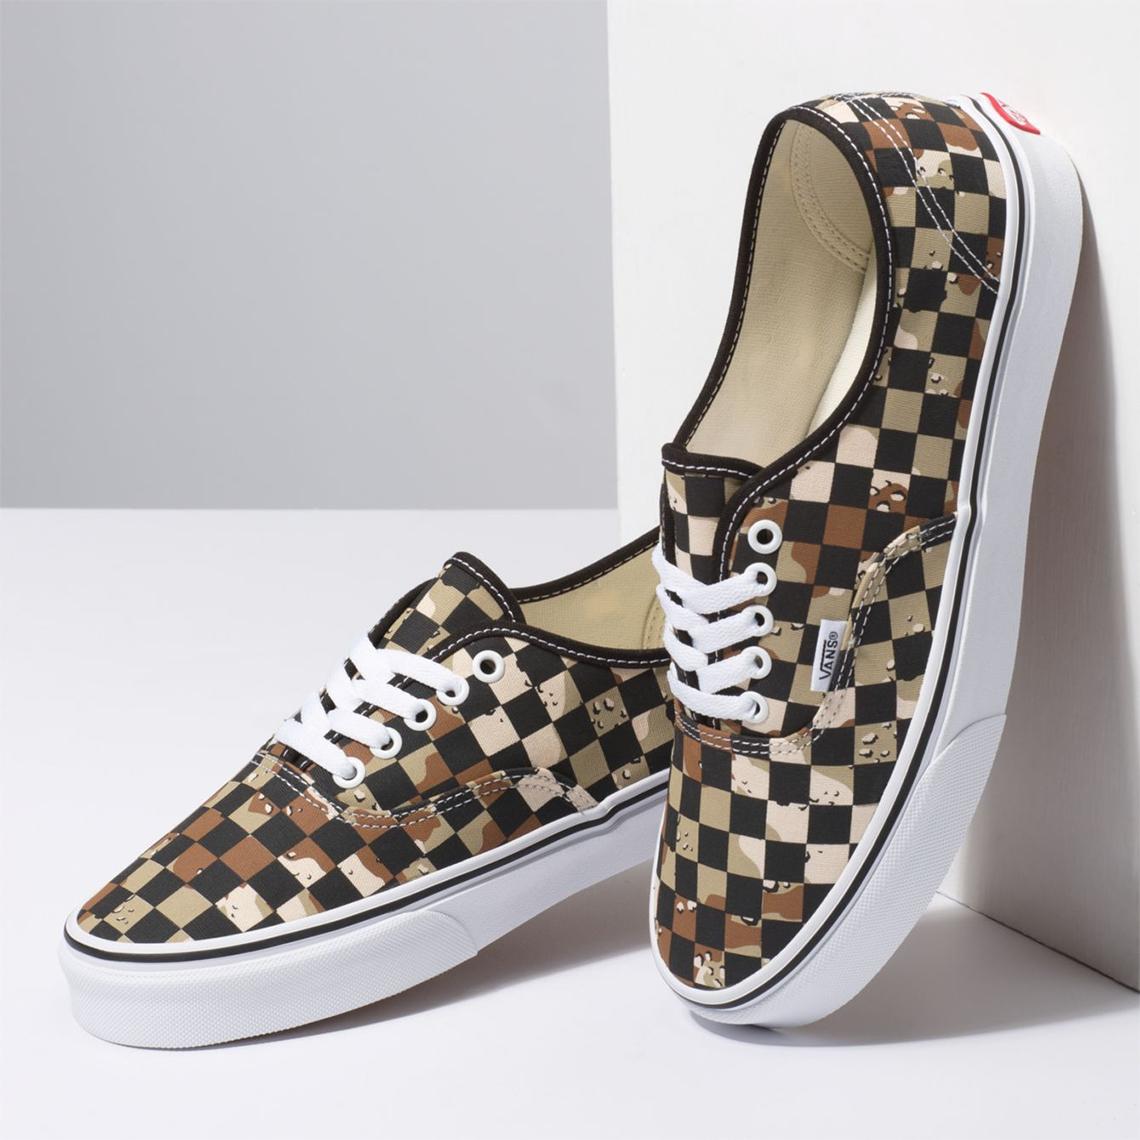 Vans Desert Camo Checkerboard Pack